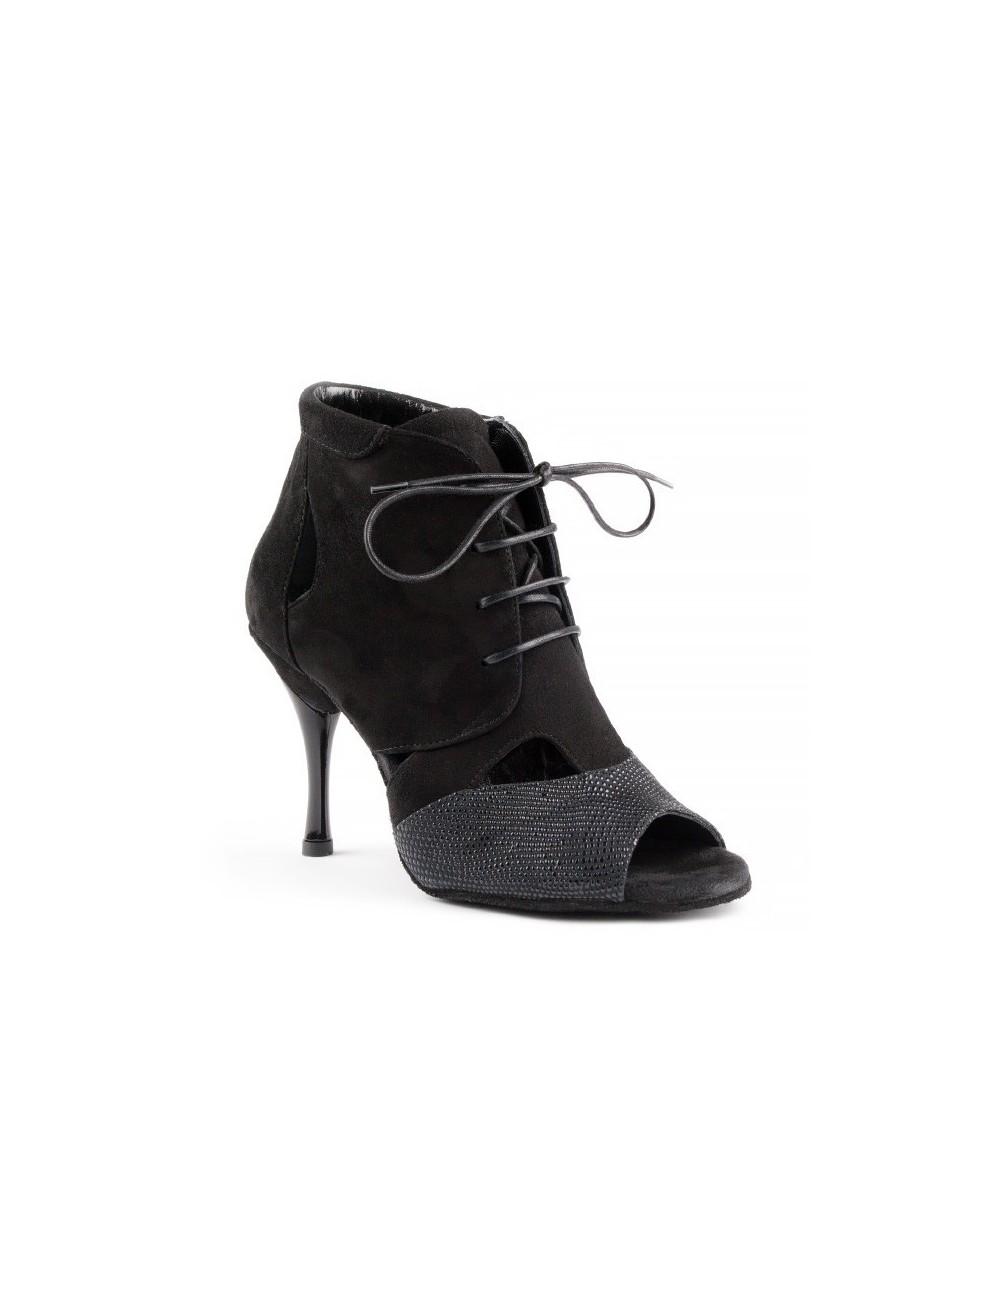 da95ac70 Encuentra tus zapatos portdance en Carol Martinez dance shoes tu tienda de  zapatos de salsa en malaga. Gran colección para bailar bachata, kizomba o  salsa, ...